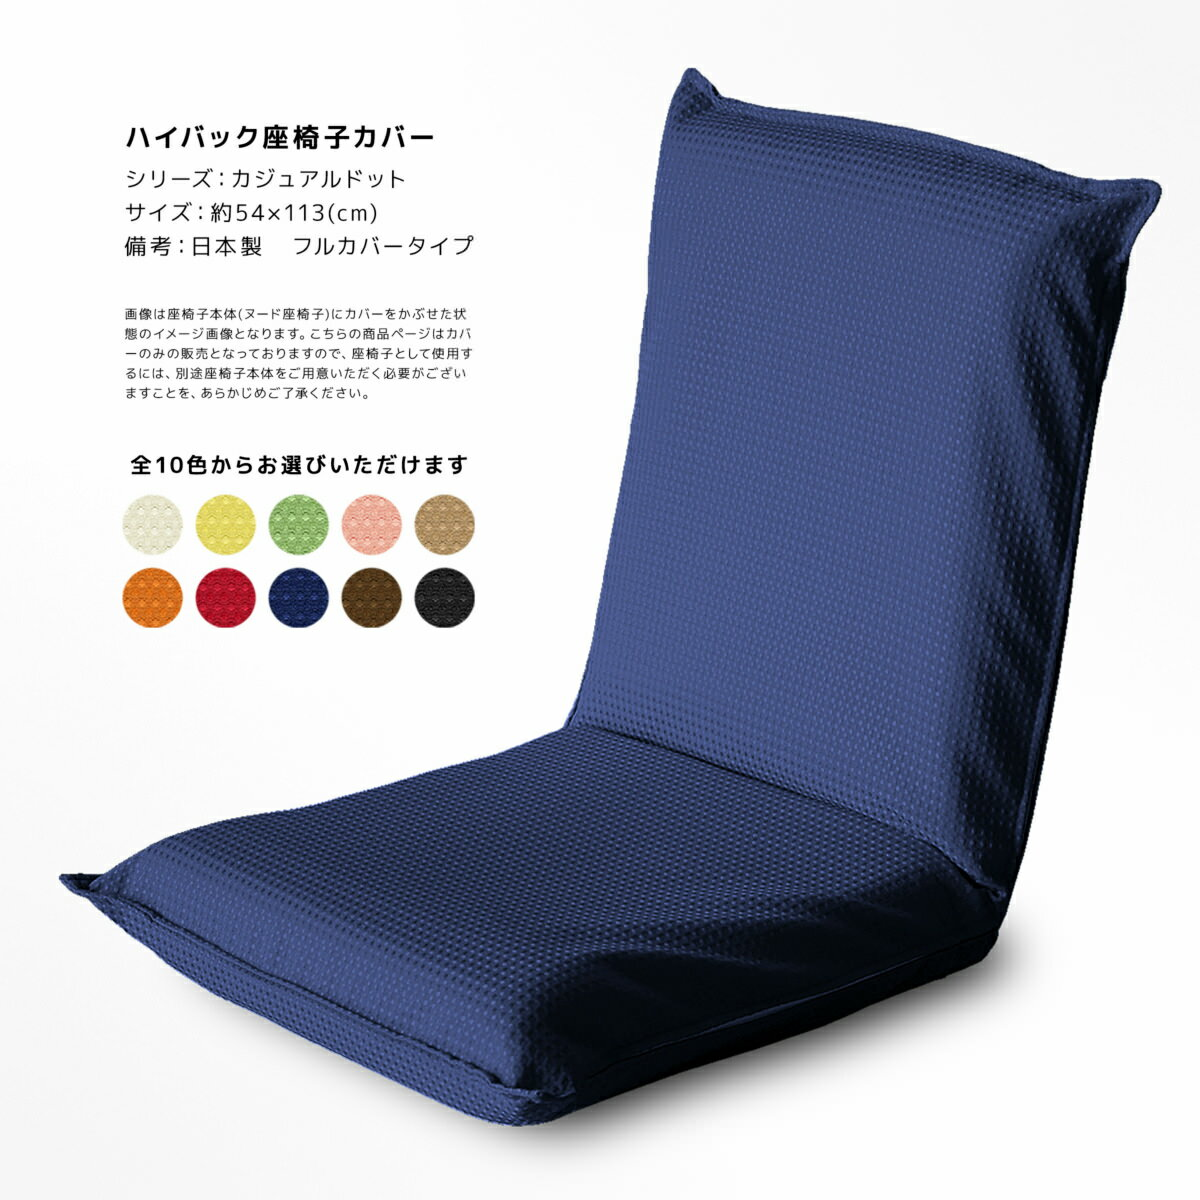 新式ハイバック座椅子カバー カジュアルドット 約54×113cm 【座いすカバー/座イスカバー/リクライニングフロアチェア/日本製/国産】